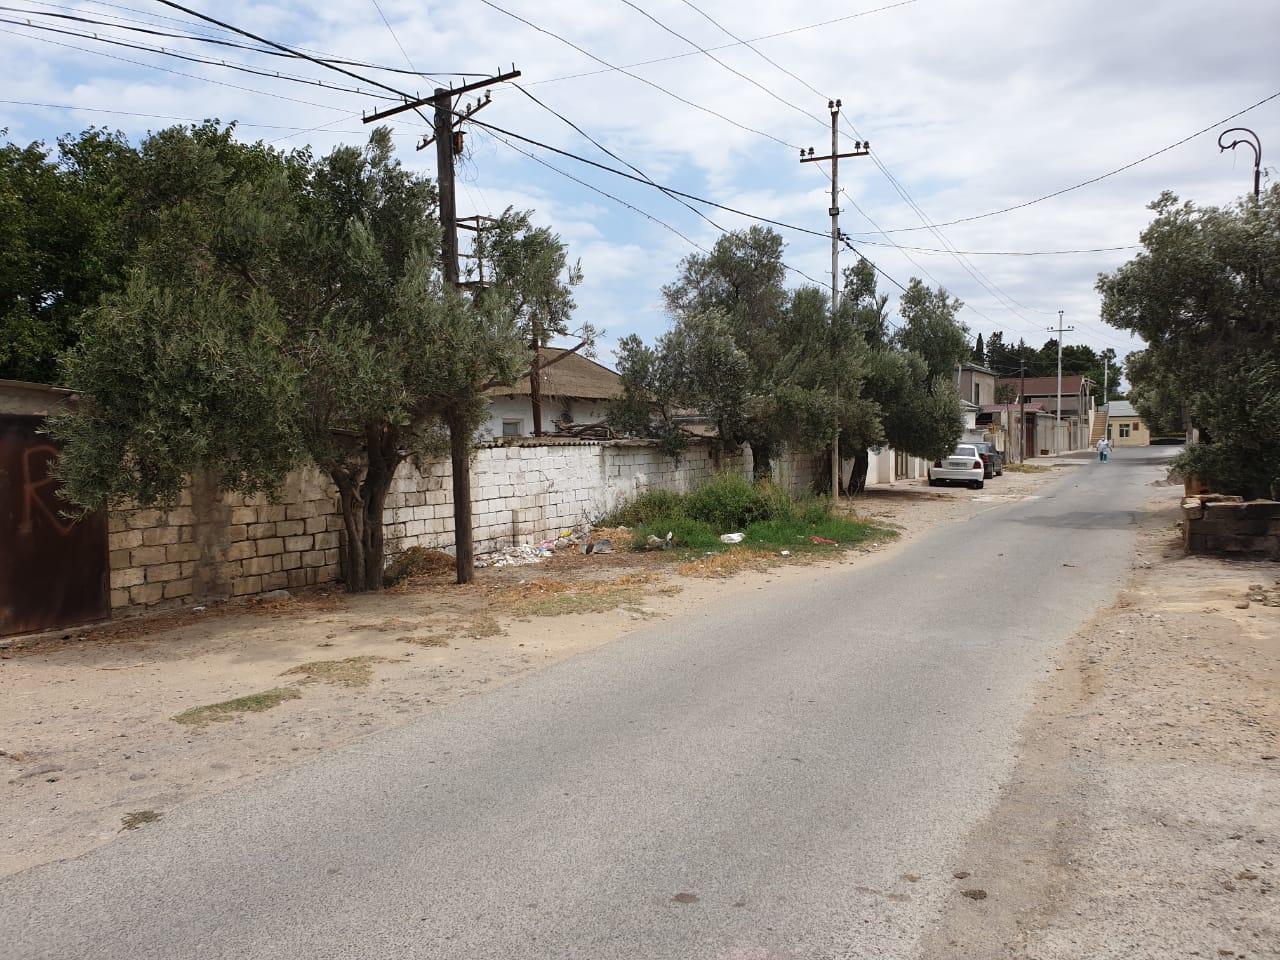 Şəhərdən 15 dəqiqəlik məsafede yerləşən ərazidə, həm bağ